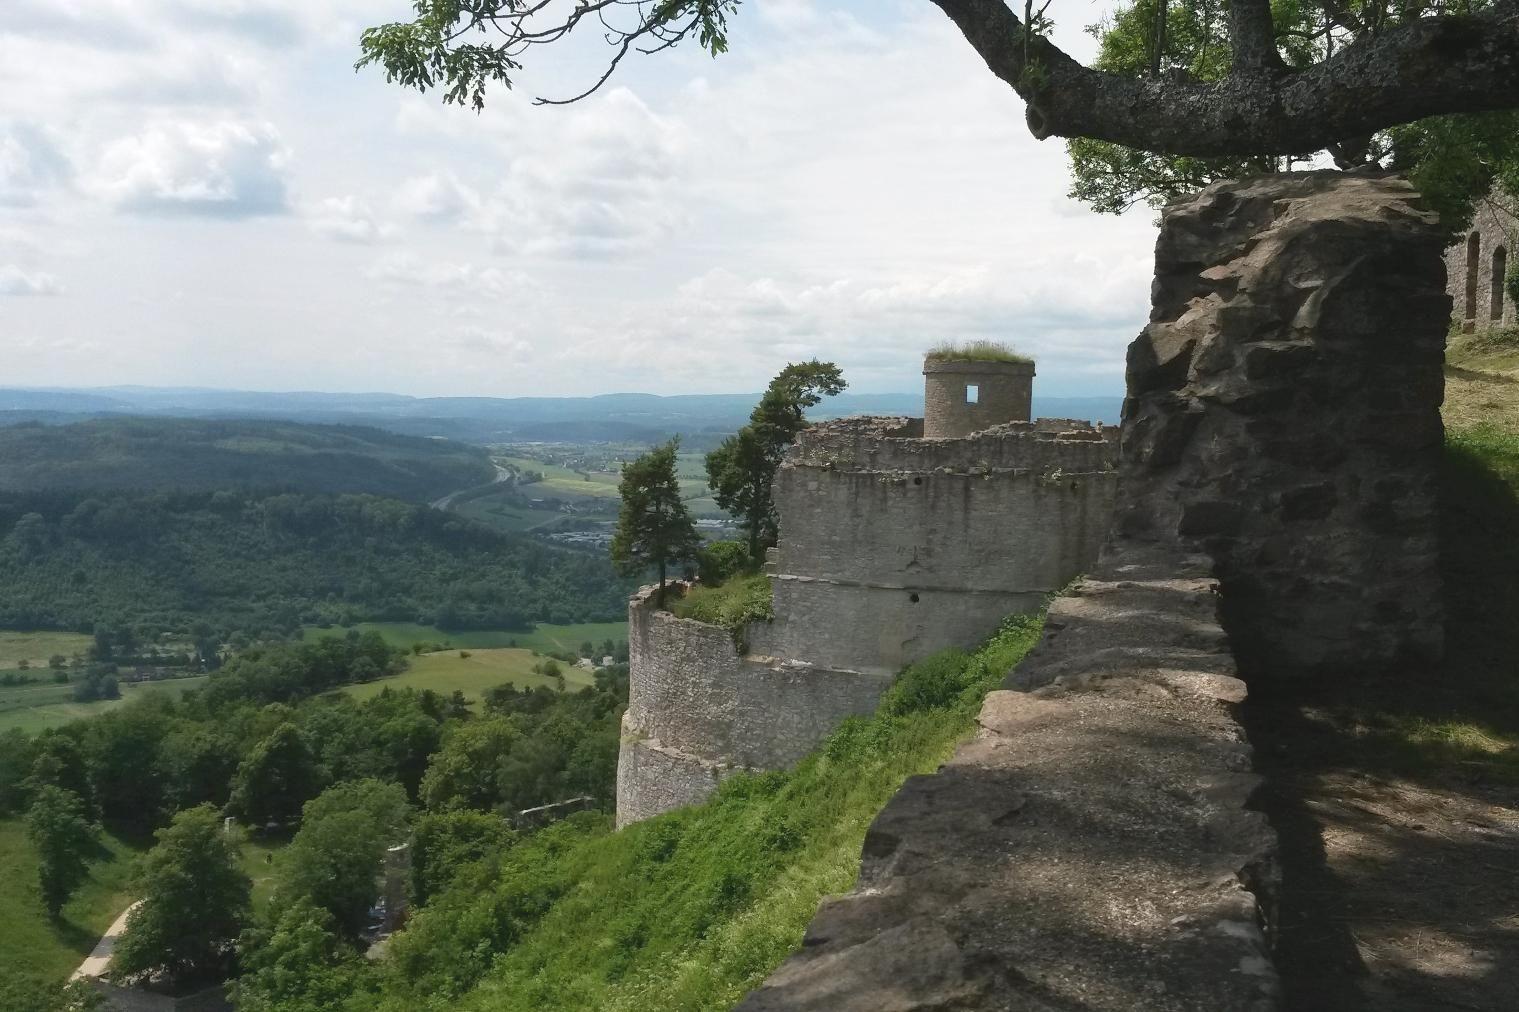 Festungsruine Hohentwiel, Foto: Staatsanzeiger Baden-Württemberg GmbH & Co.KG, Cornelia Lindenberg